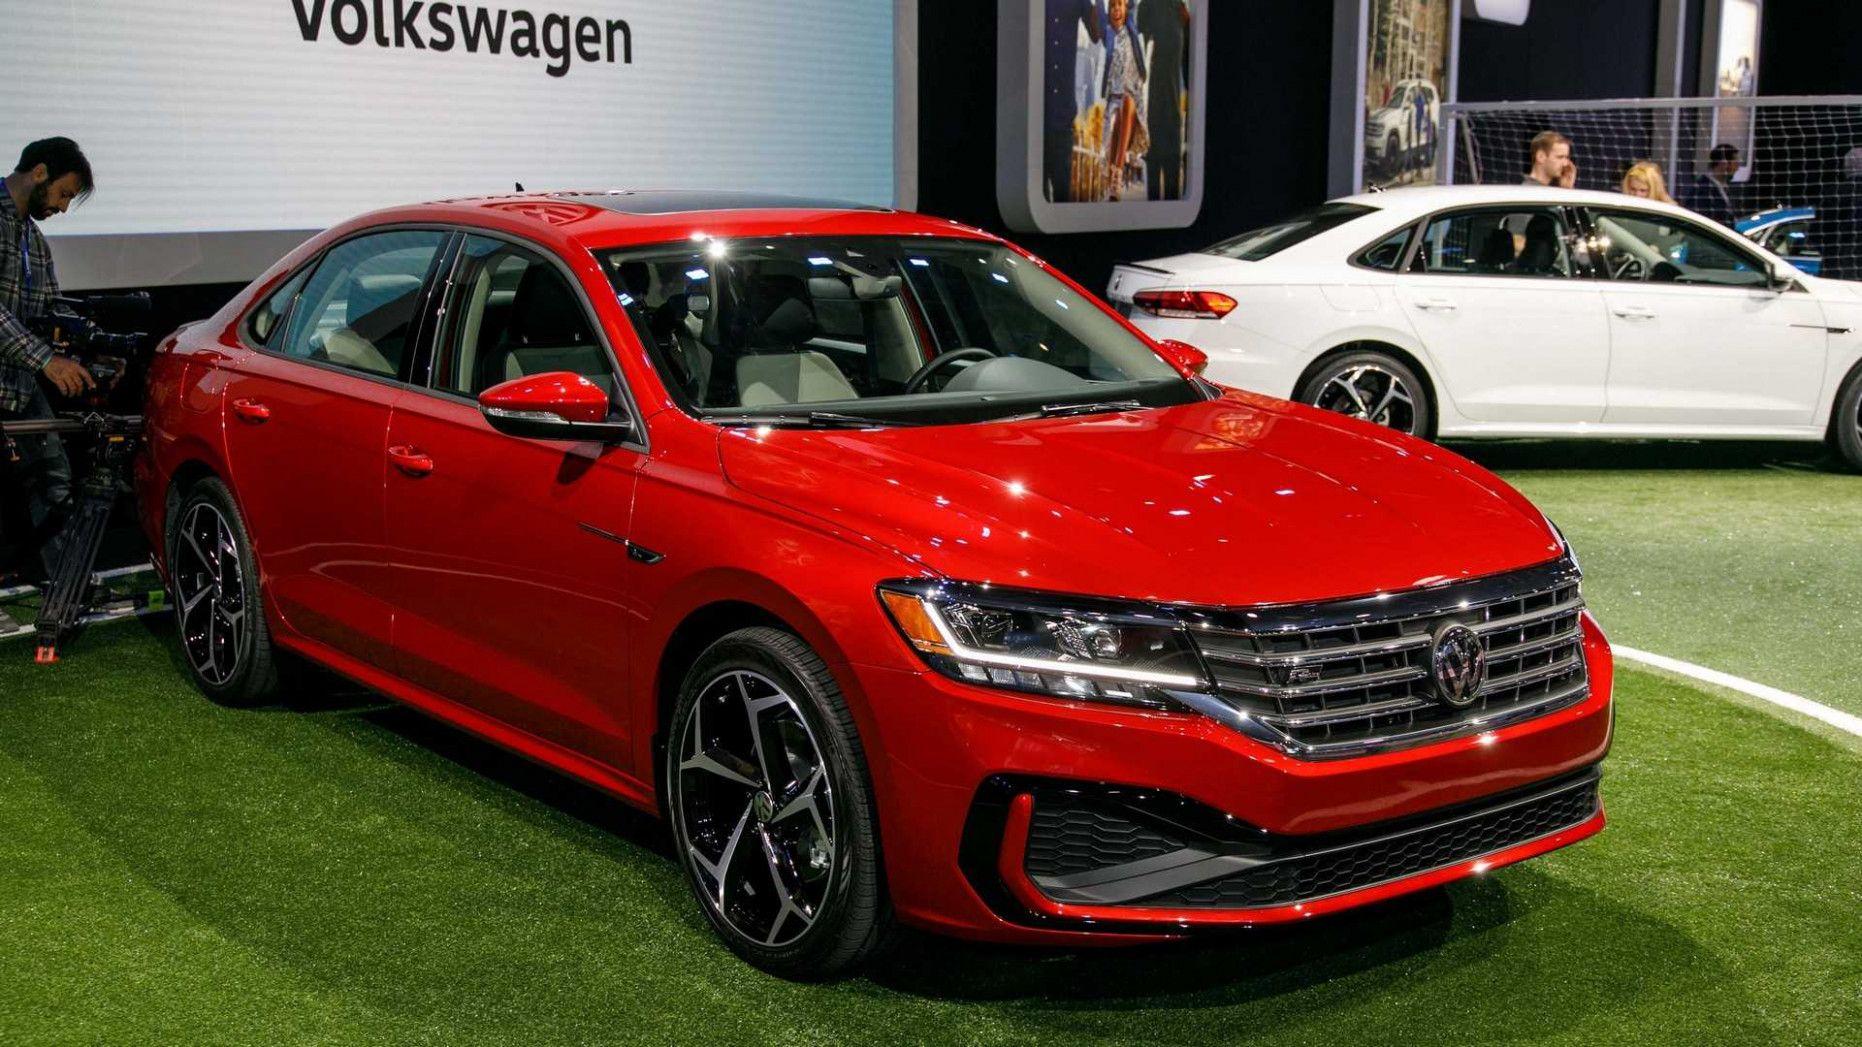 2020 Volkswagen Usa In 2020 Volkswagen Passat Volkswagen Volkswagen Jetta